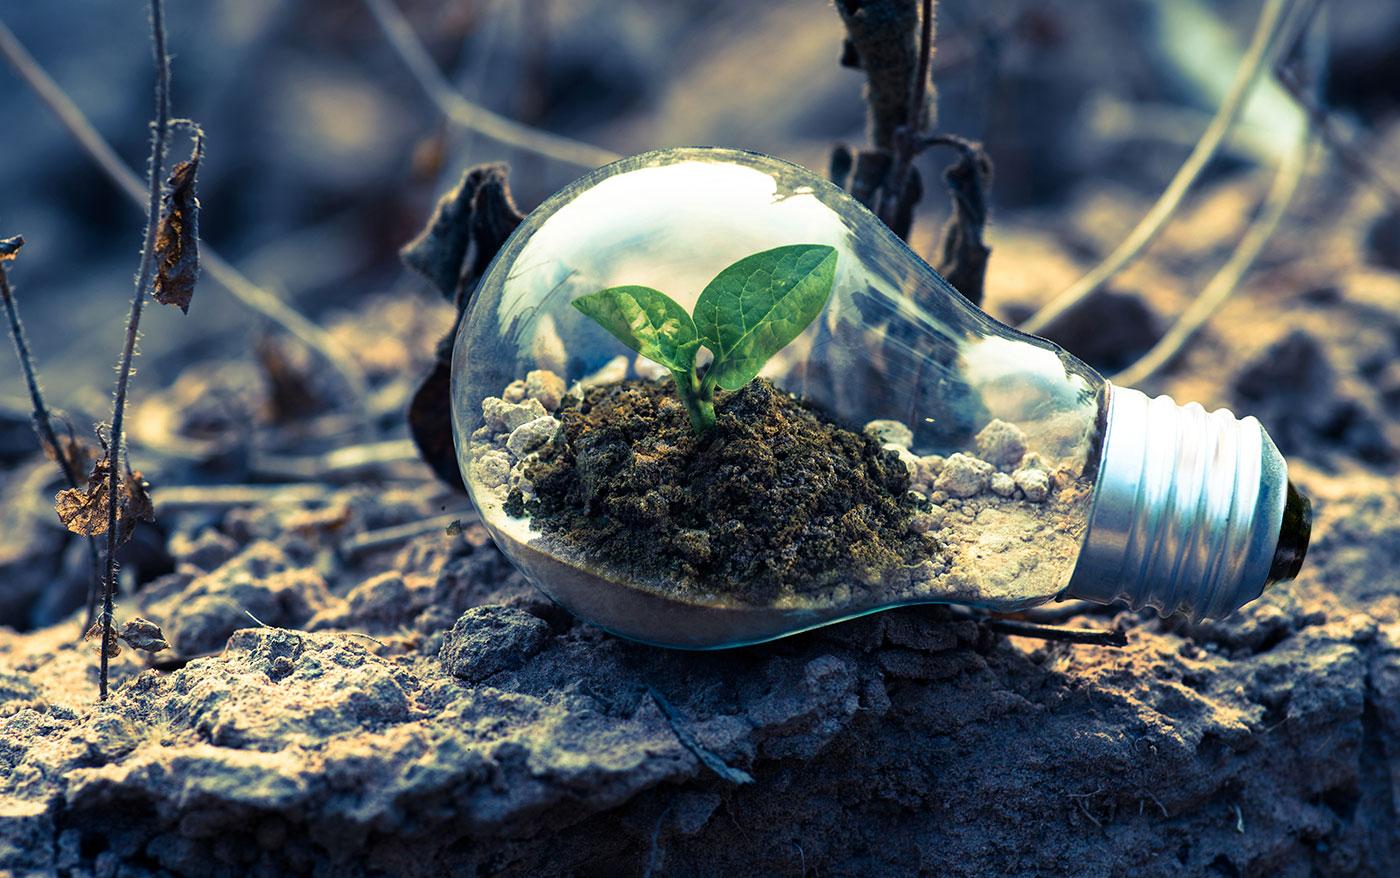 Op på de bæredygtige mærker | Find rundt i certificeringerne